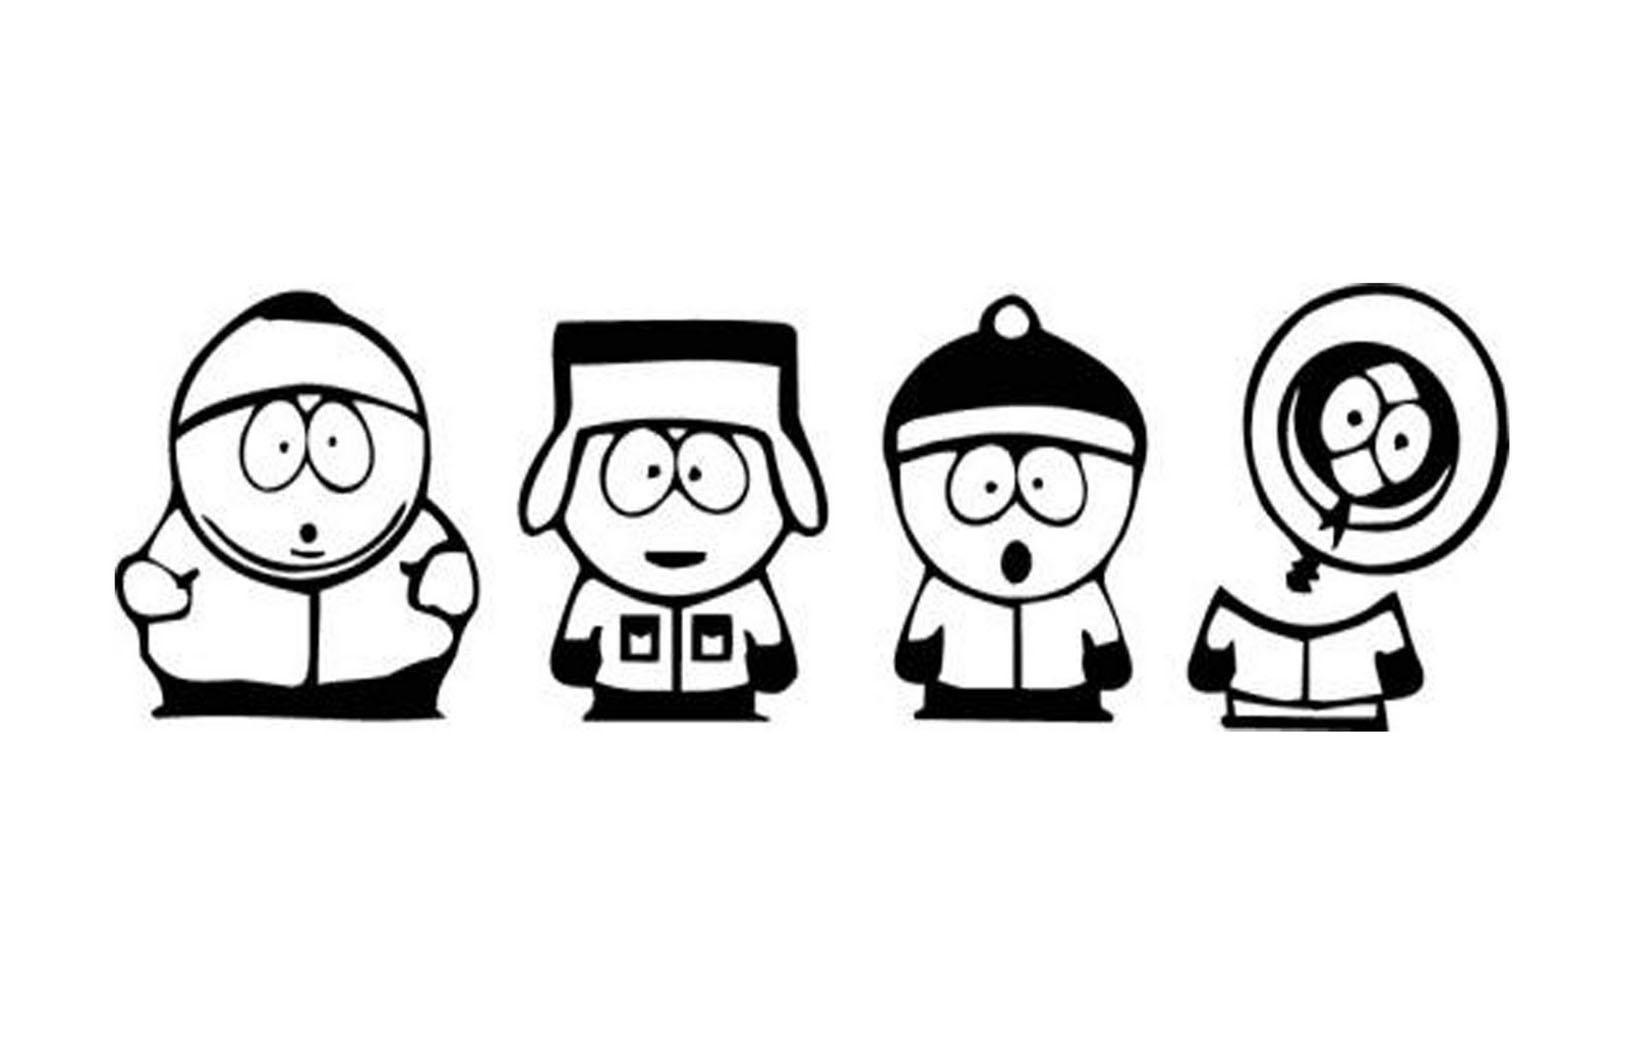 Les 4 amis de South Park